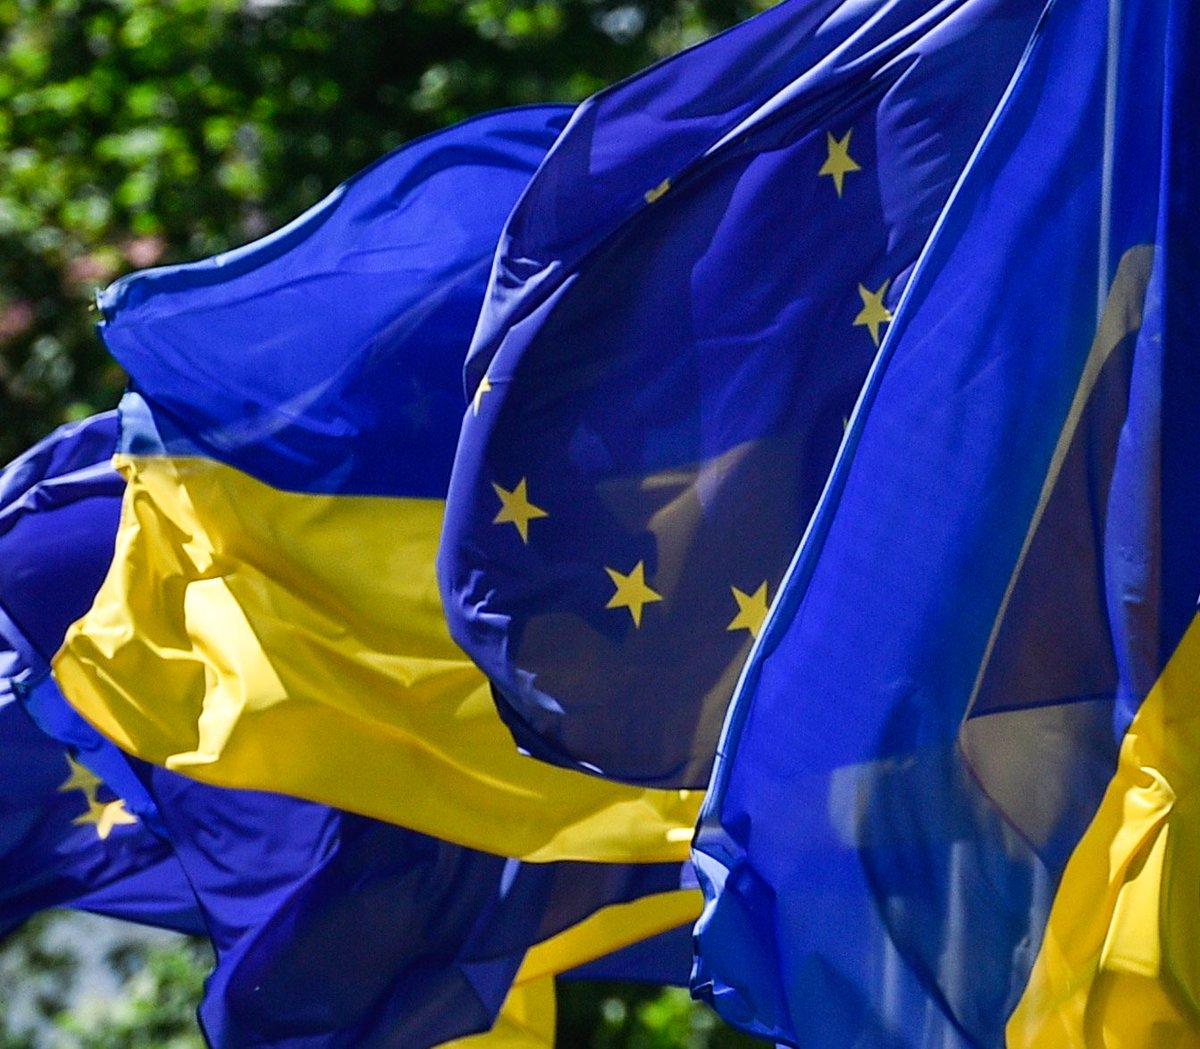 Рада ЄС продовжила на півроку санкції проти Росії, - Порошенко - Цензор.НЕТ 2650